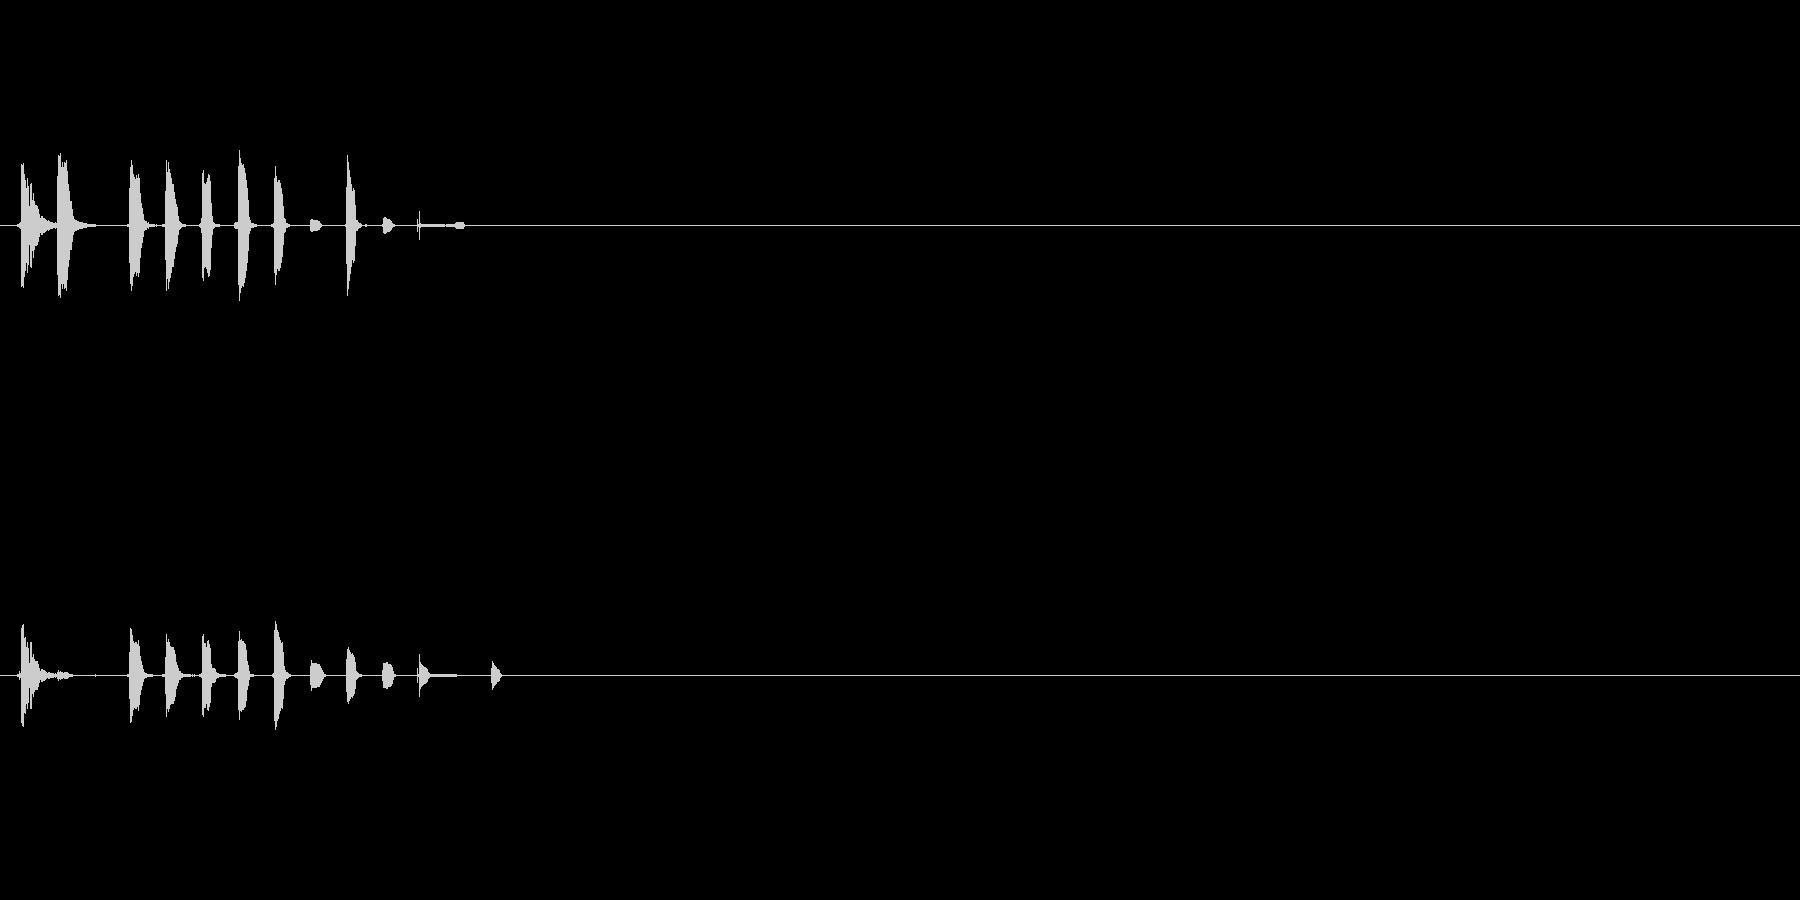 パチンコリーチ演出用効果音の未再生の波形